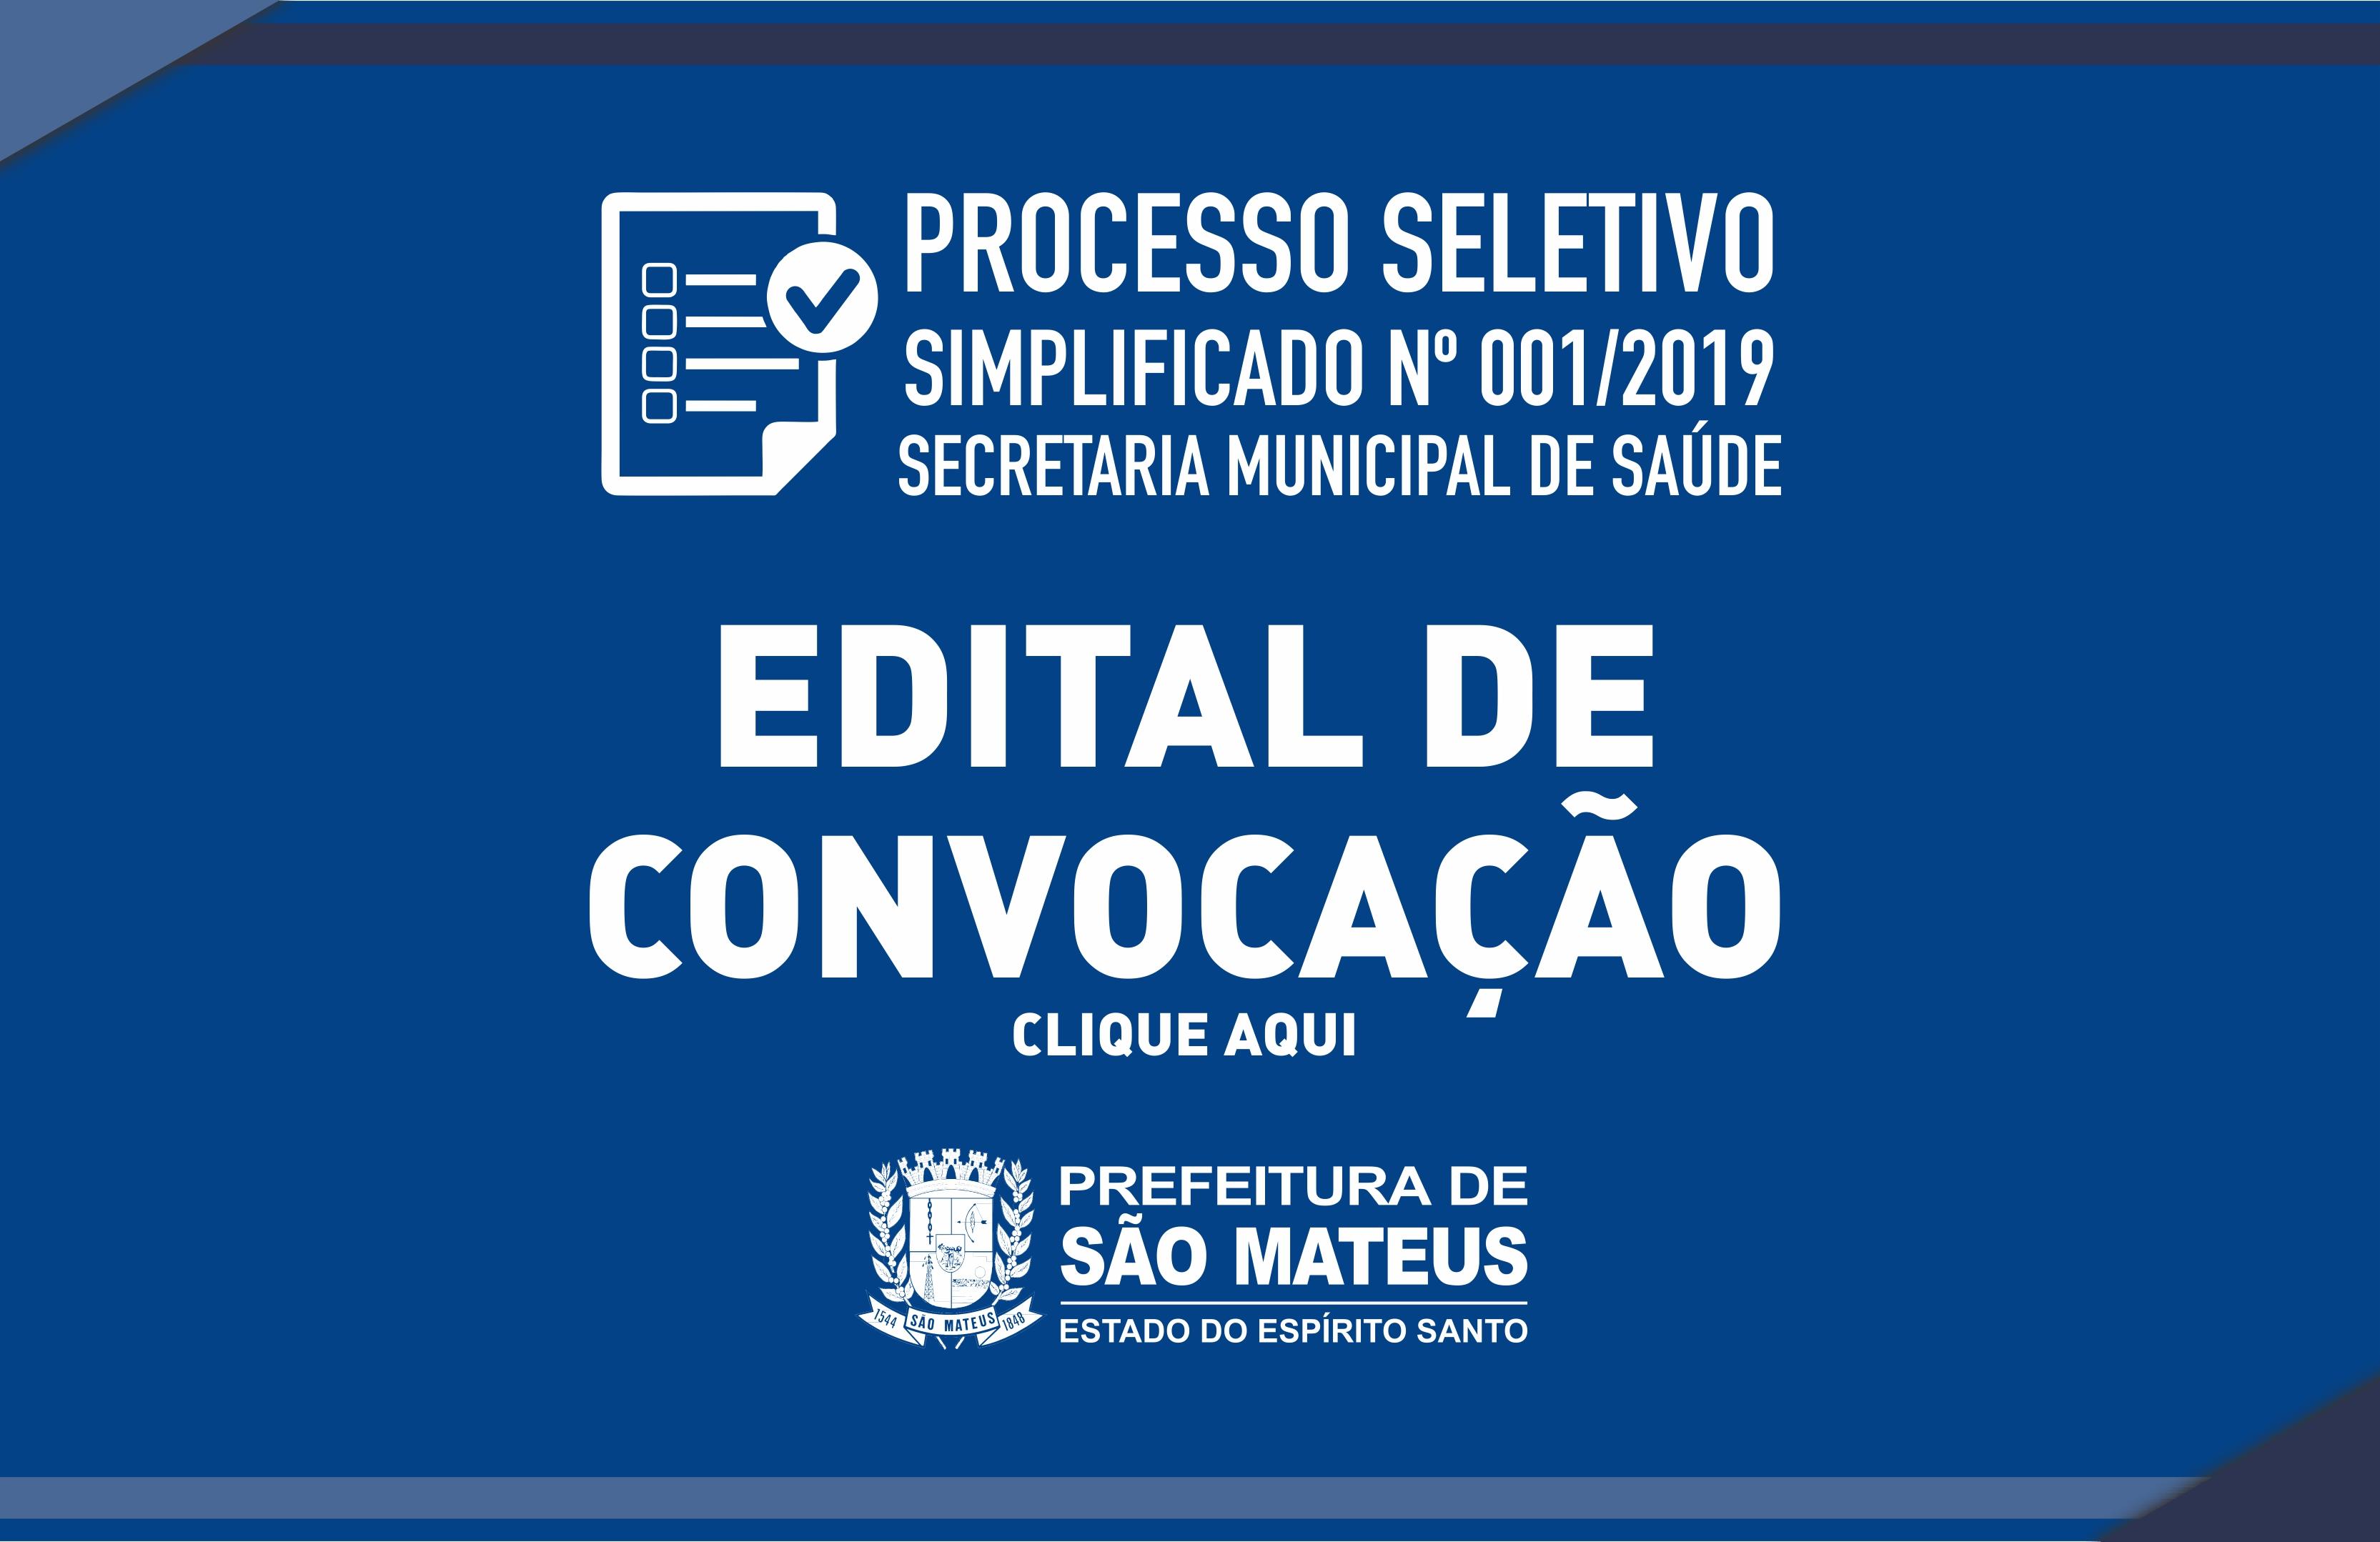 PREFEITURA DIVULGA LISTAS DE CONVOCAÇÃO DO PROCESSO SELETIVO SIMPLIFICADO PARA PROFISSIONAIS DA SAÚDE